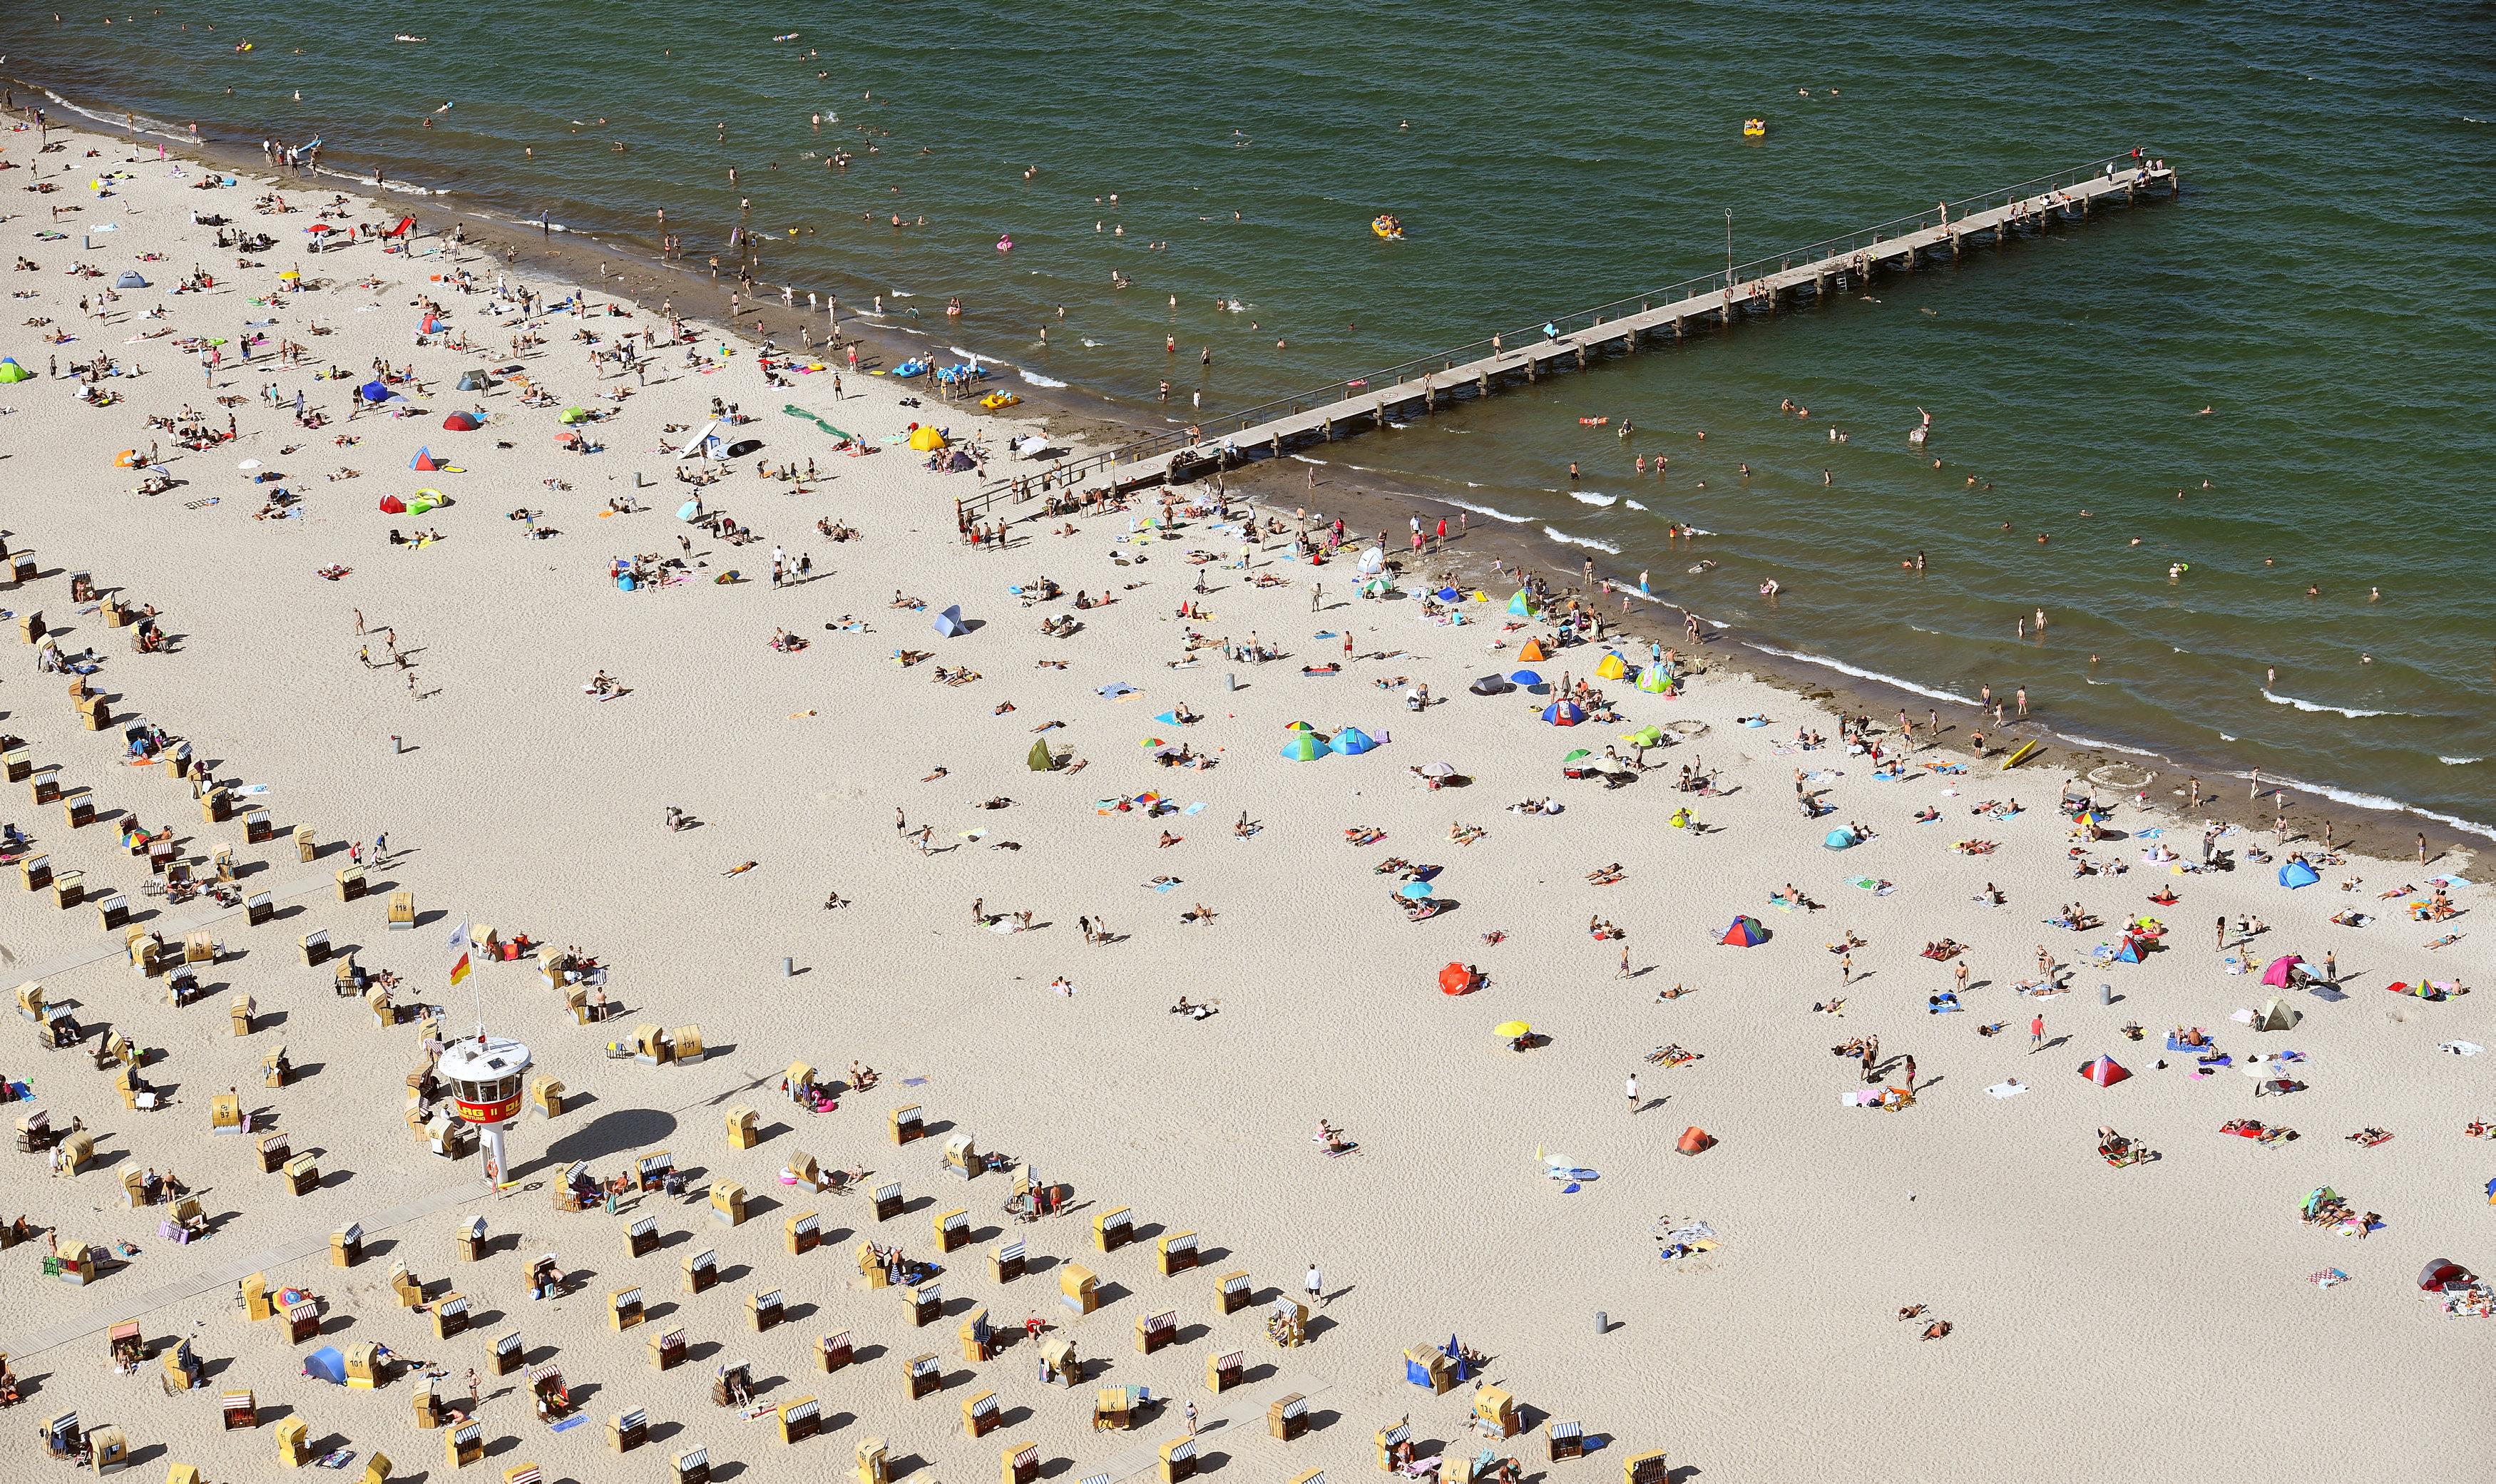 جانب من شواطئ بحر البلطيق